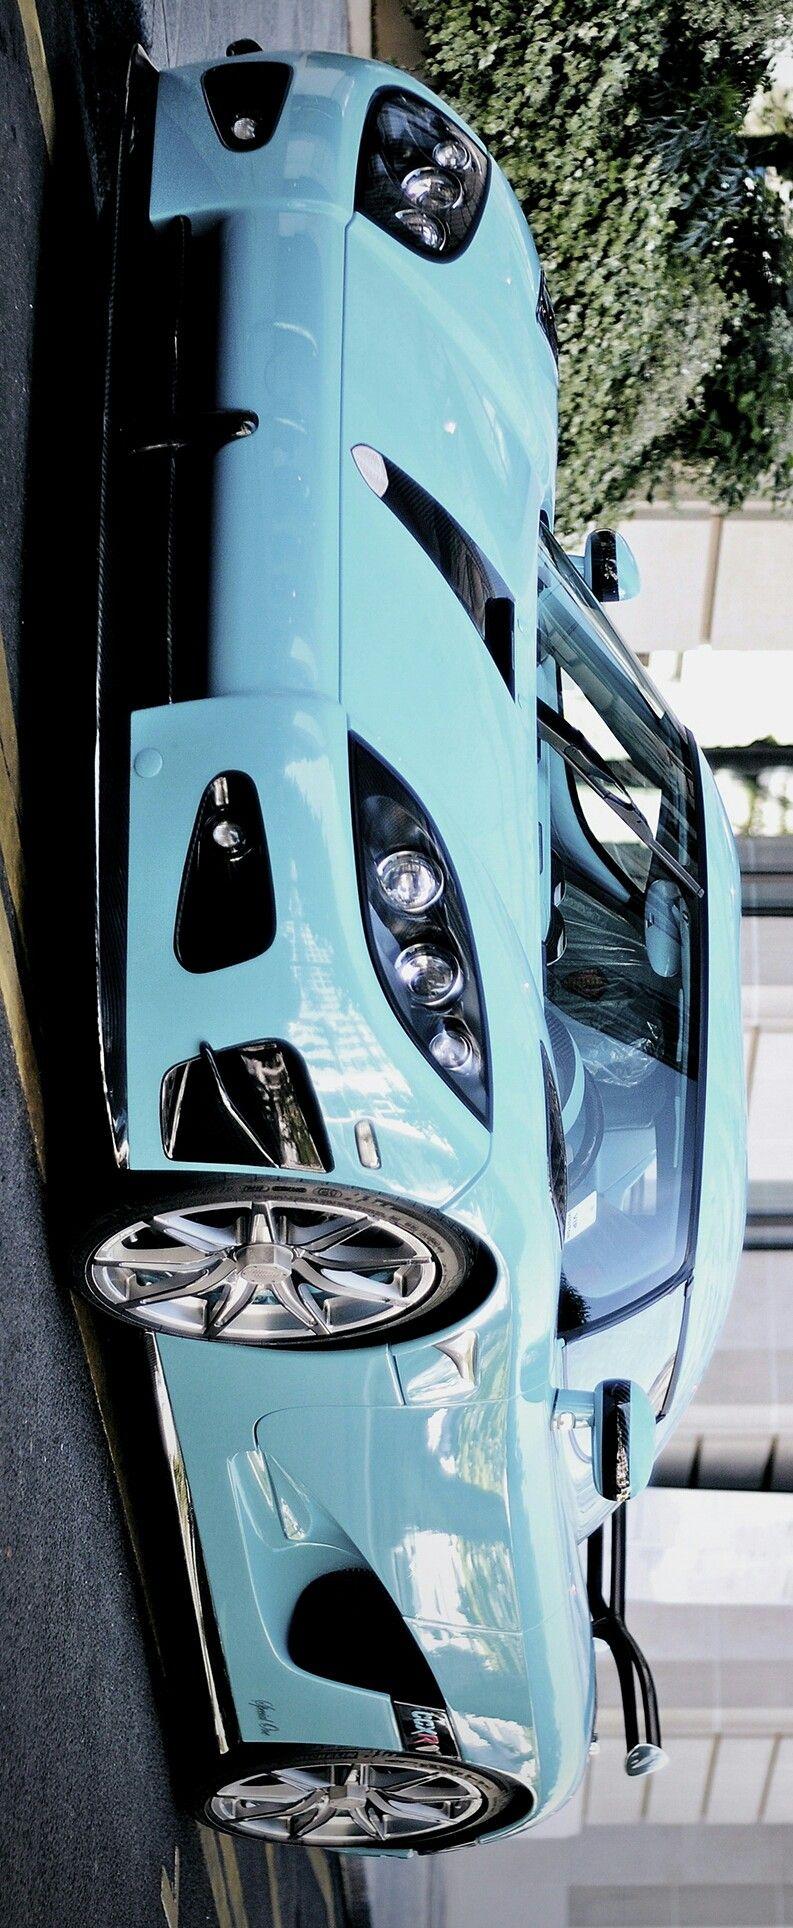 Koenigsegg CCXR Special One by Levon